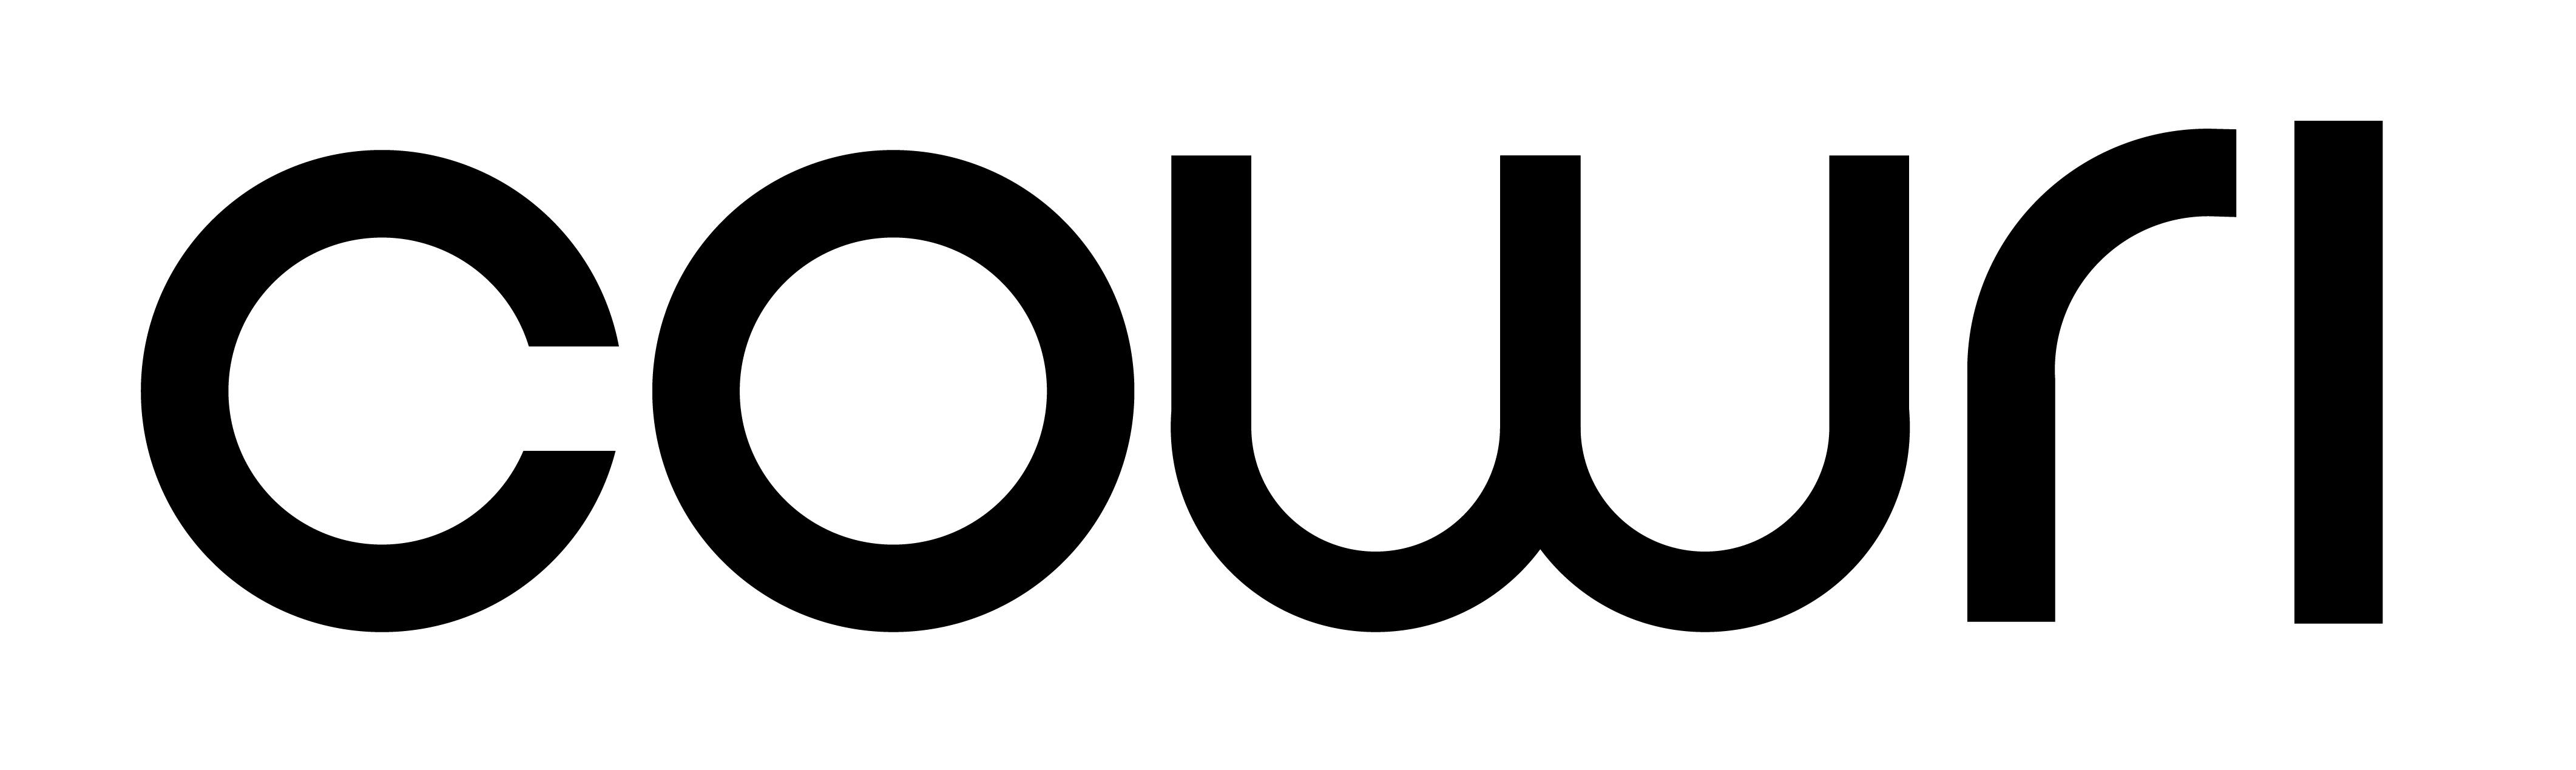 Cowri Typographic Logo